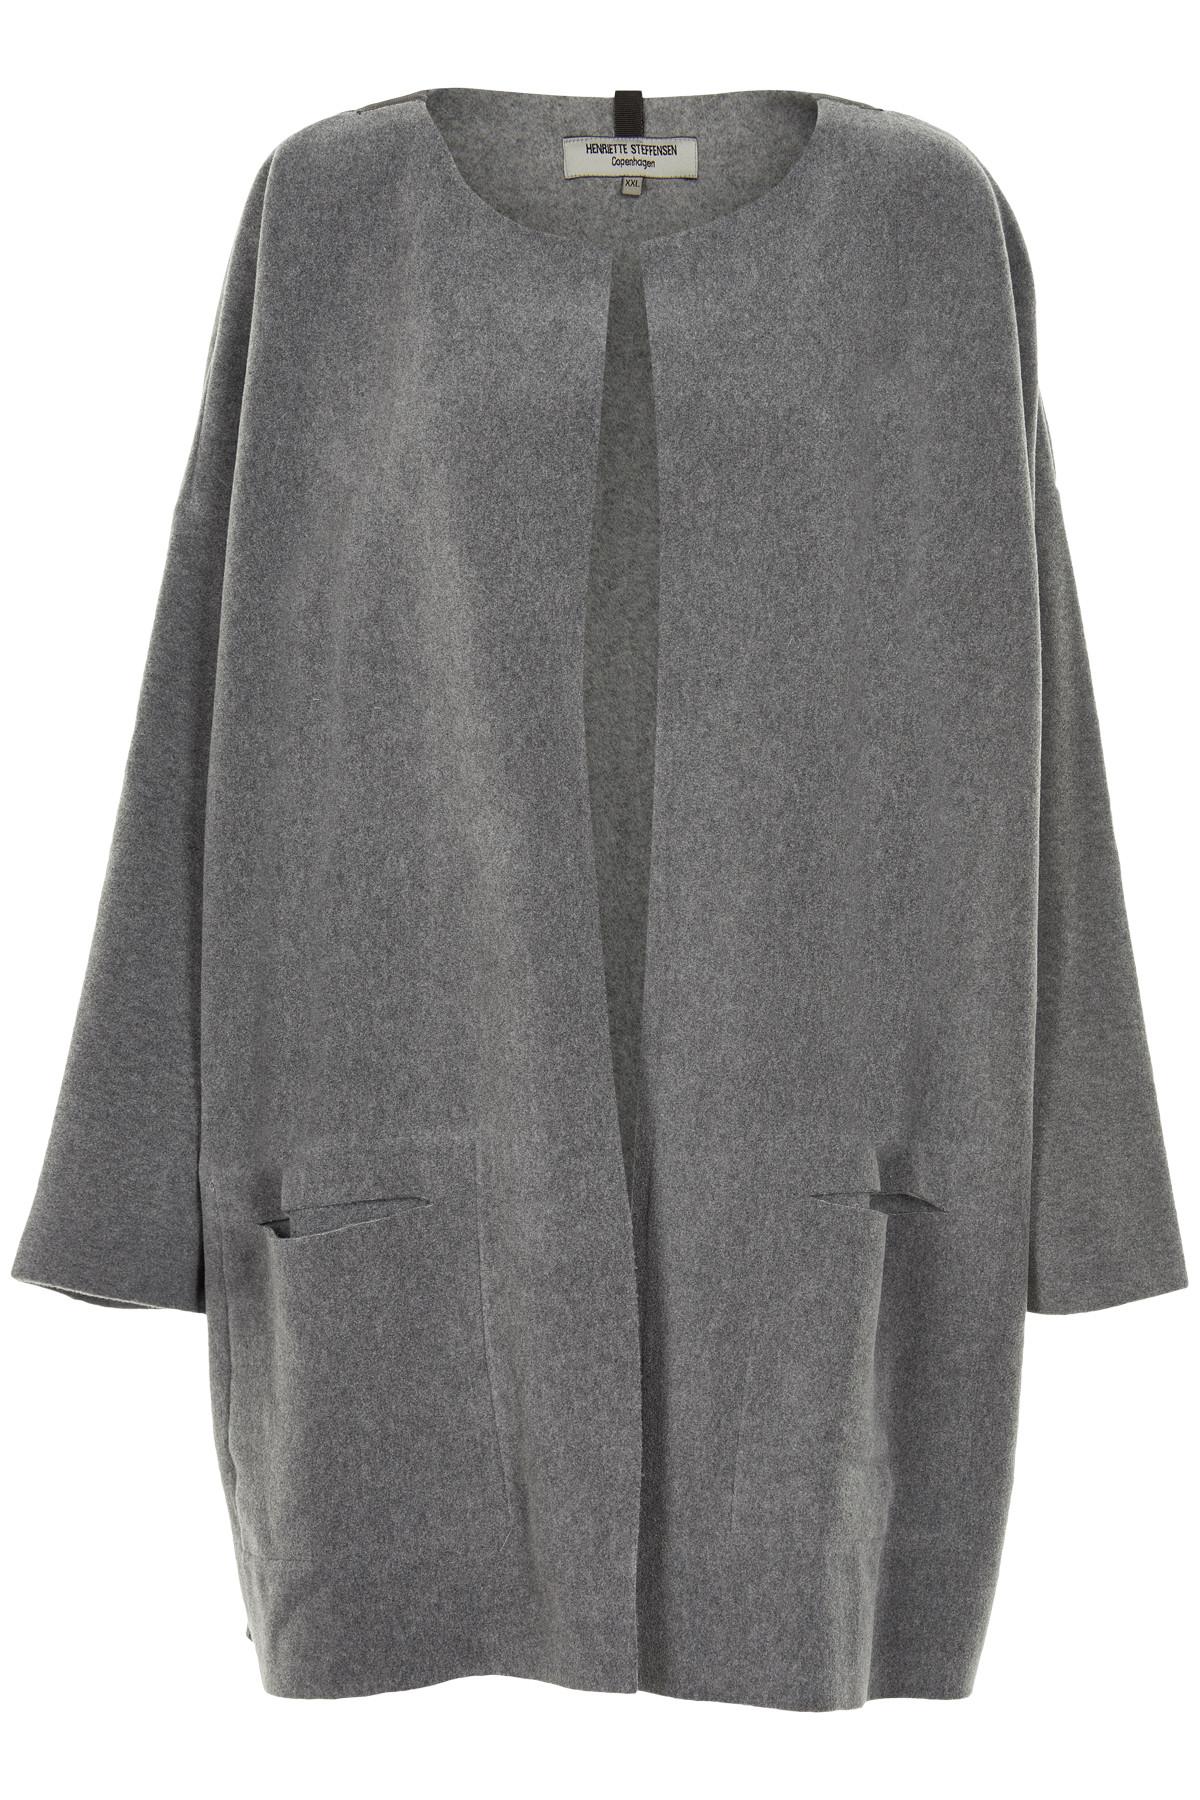 Image of   HENRIETTE STEFFENSEN Copenhagen 7105 CARDIGAN GREY (Grey, L)